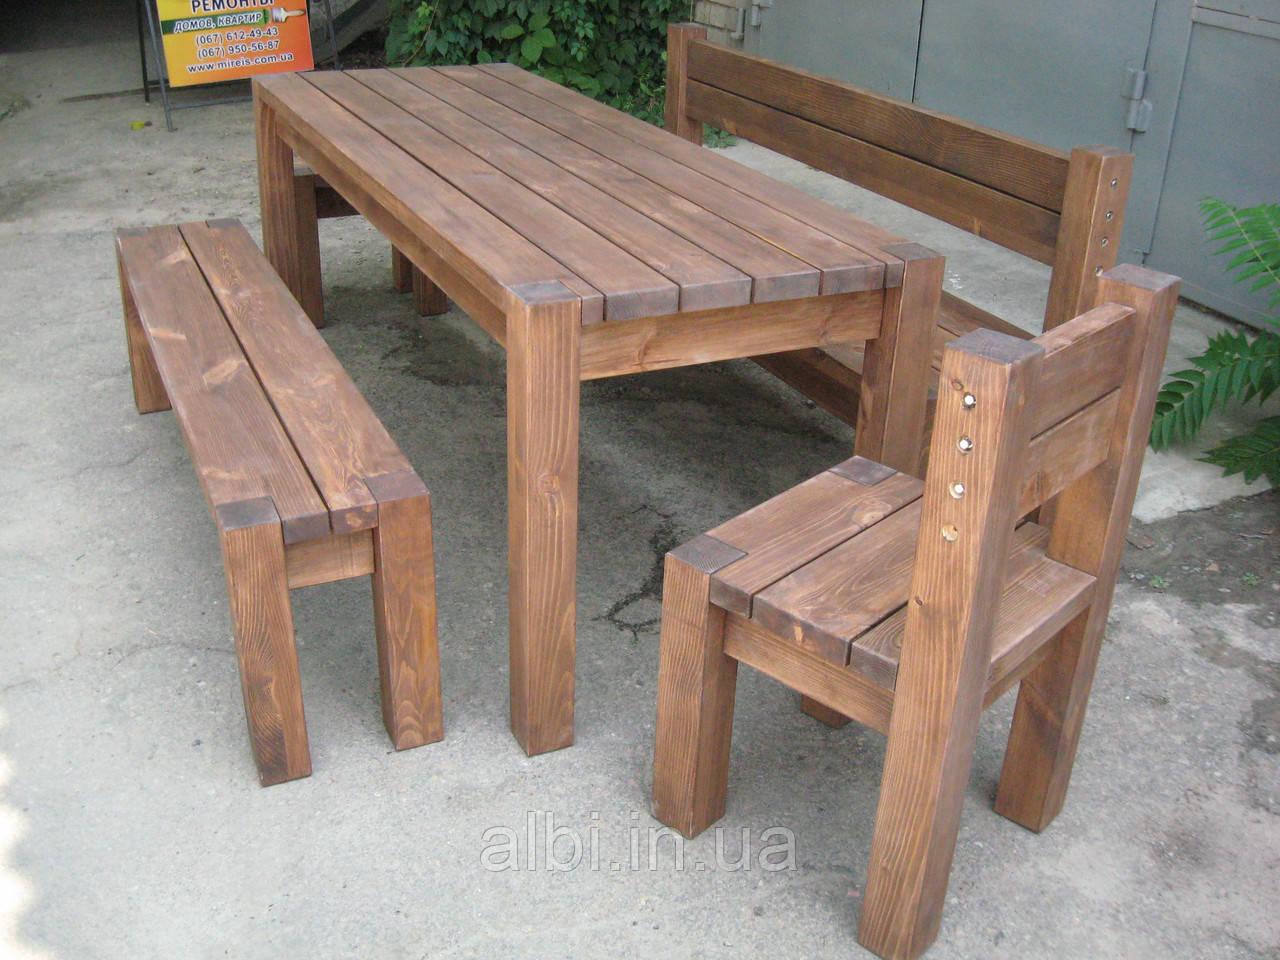 Стол садовый из натурального дерева из комплекта Альфа 2м